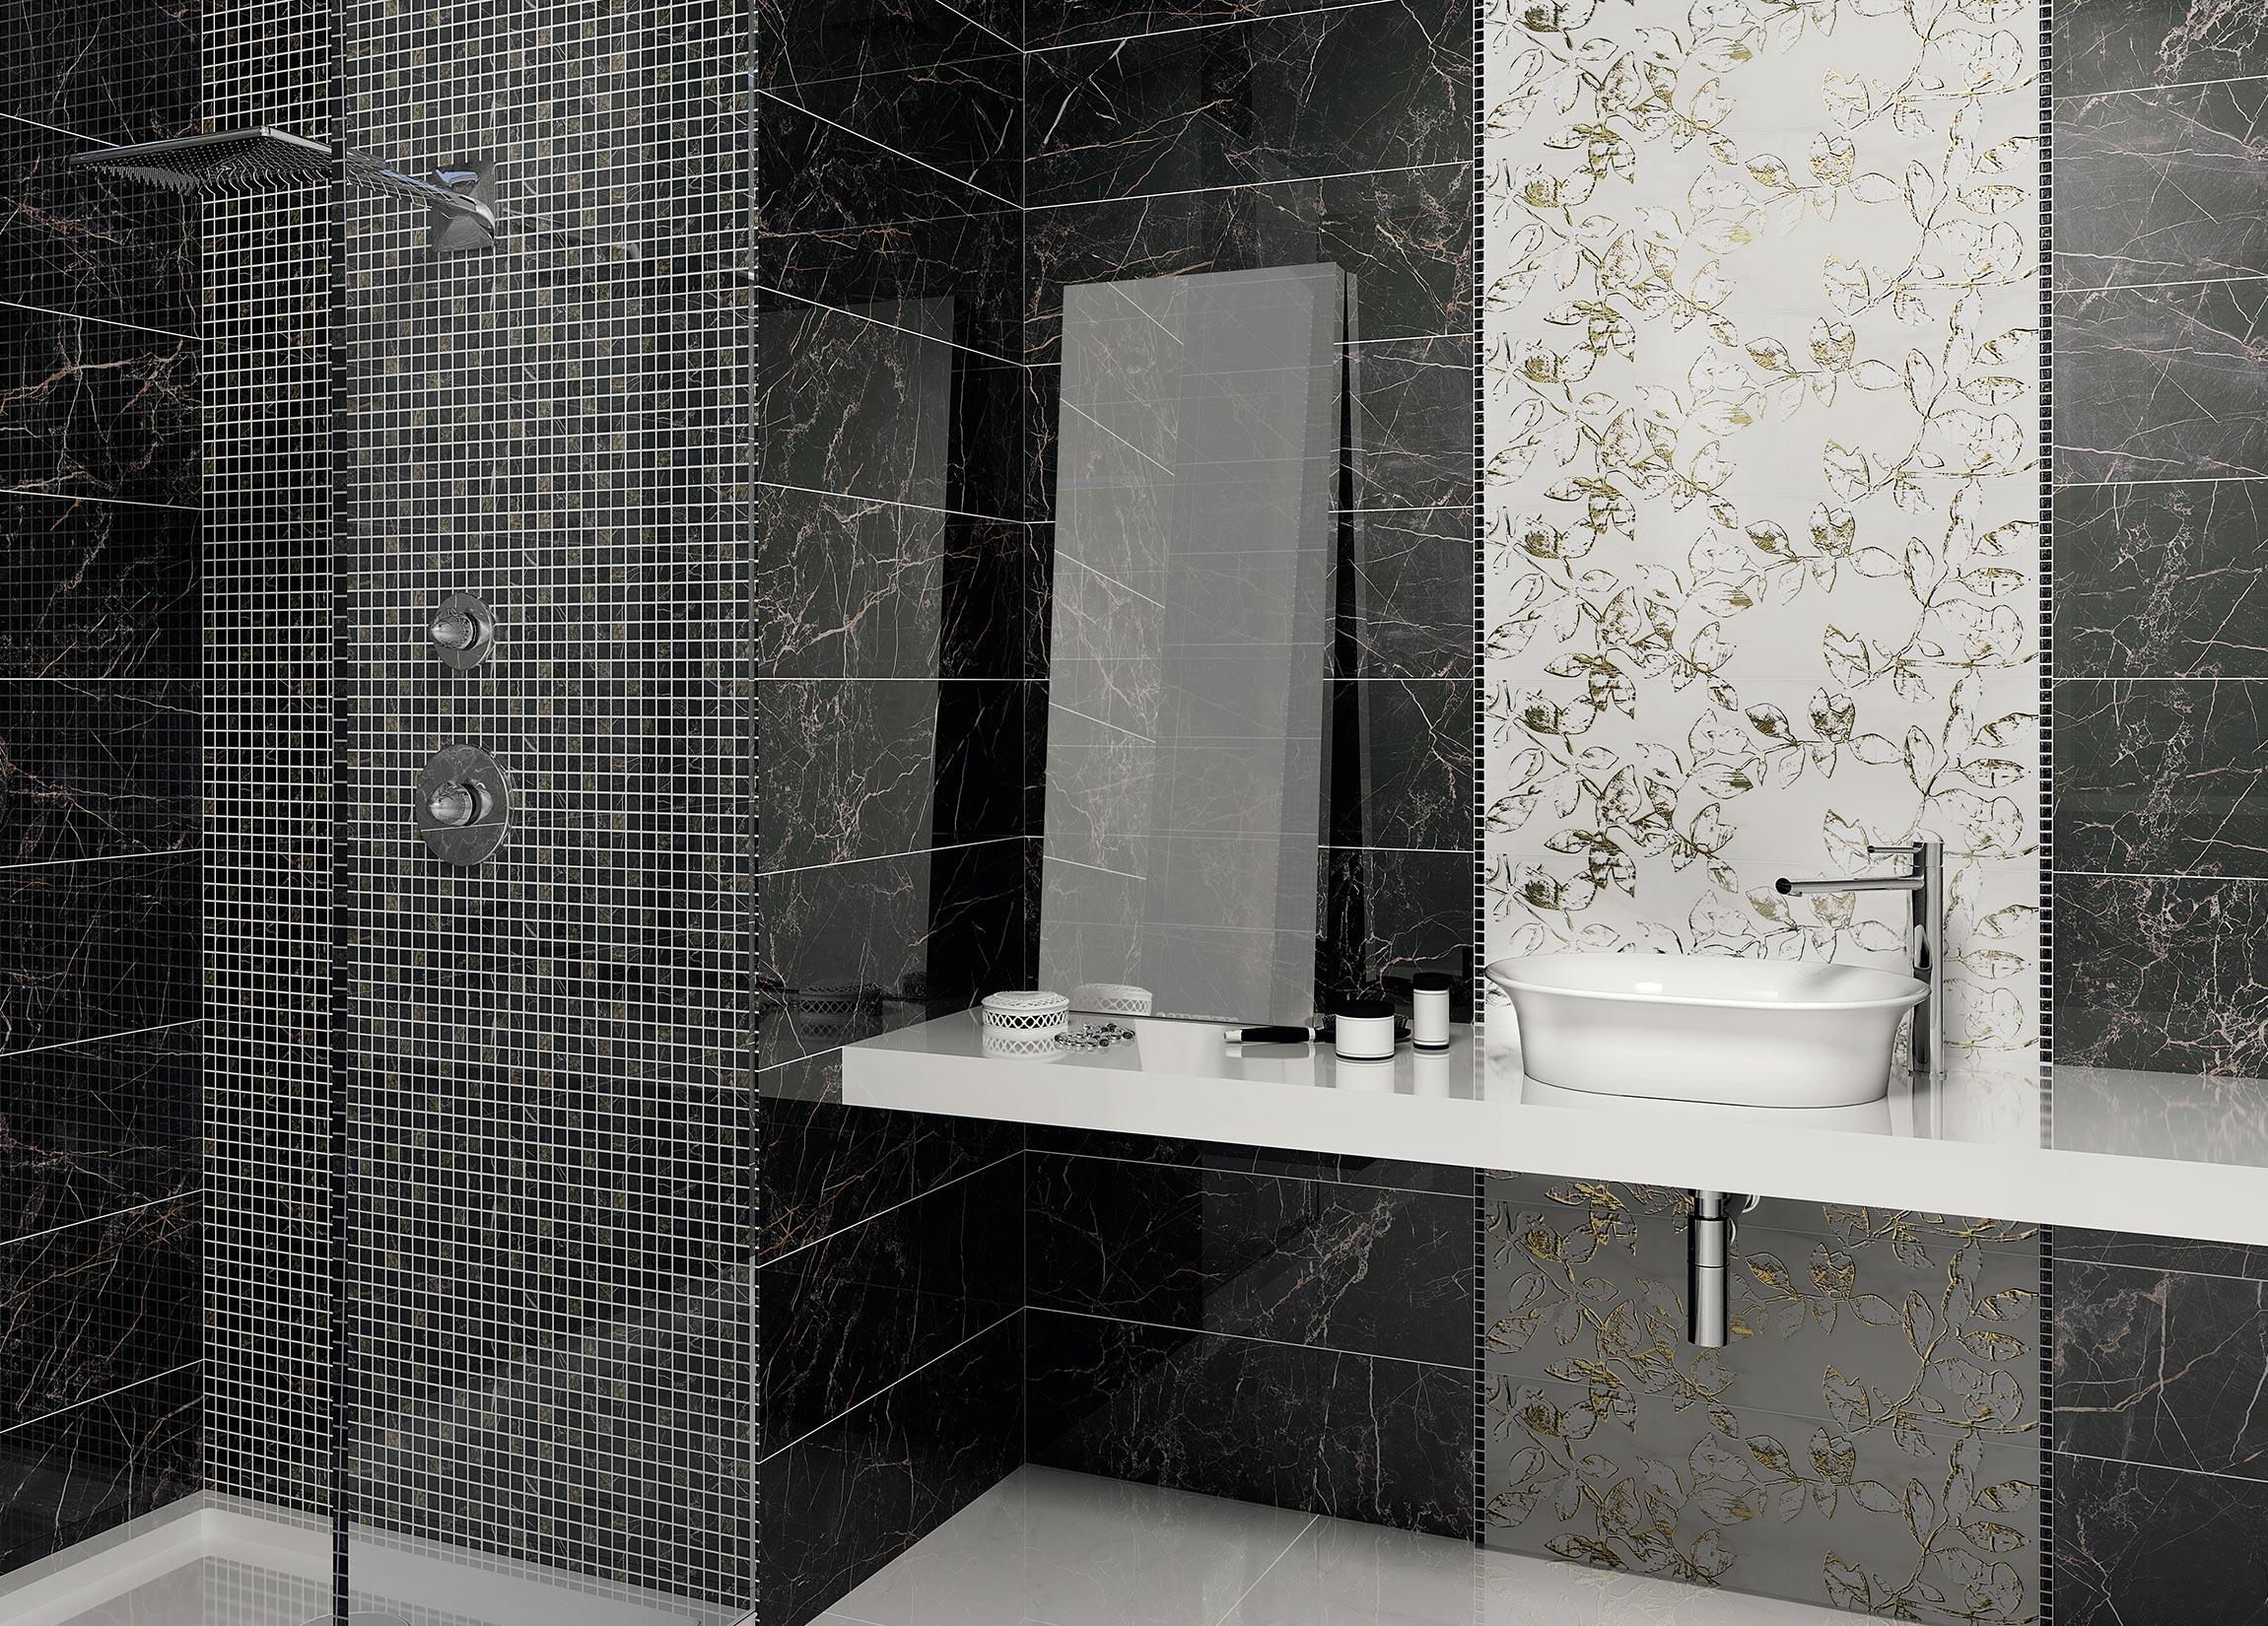 керамическая плитка керама марацци для ванной-дизайн